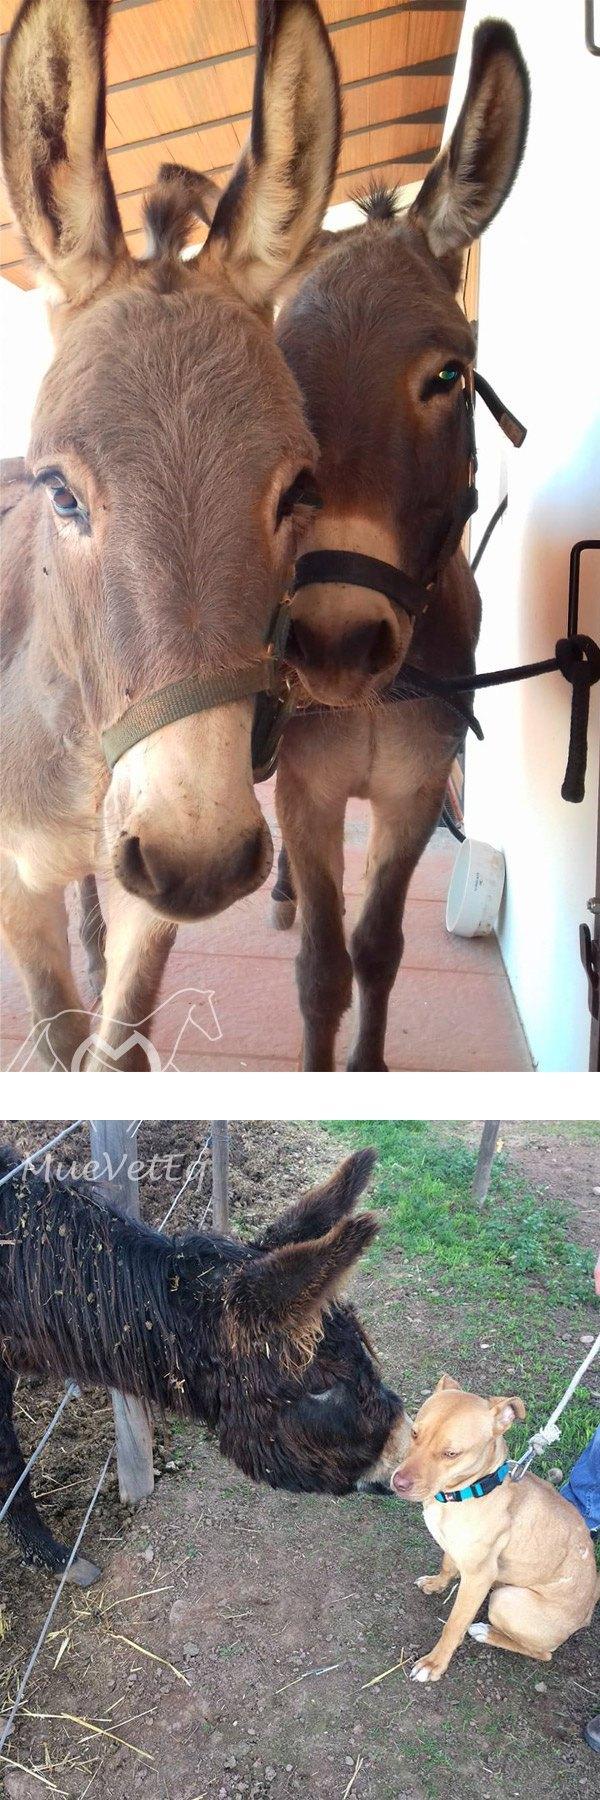 artículo Mueveteq algunos datos sobre burros